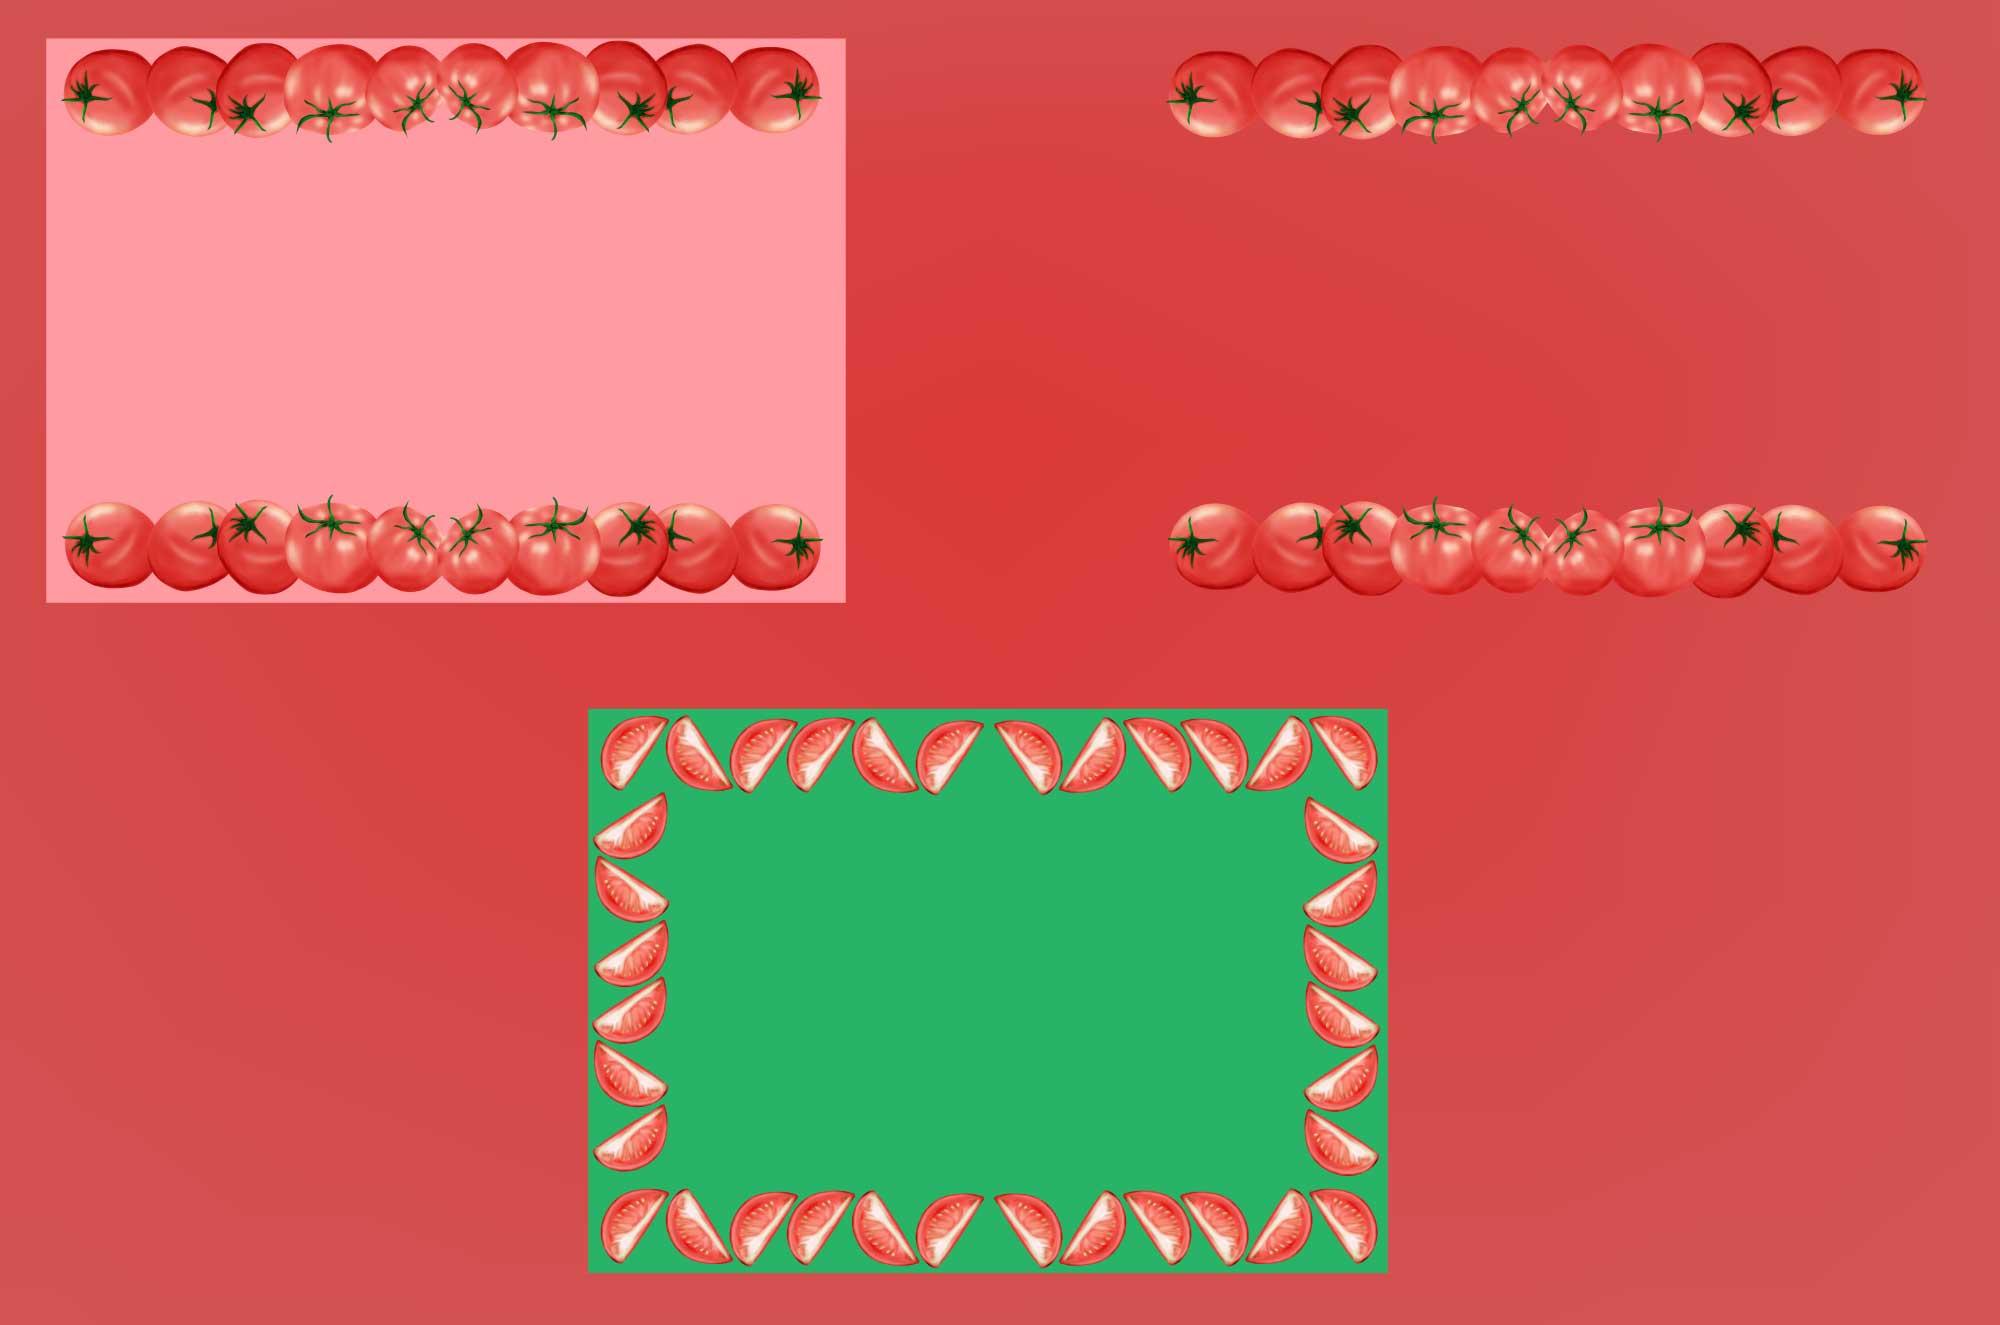 トマトの無料フレーム素材 - 可愛い野菜の枠フリー素材